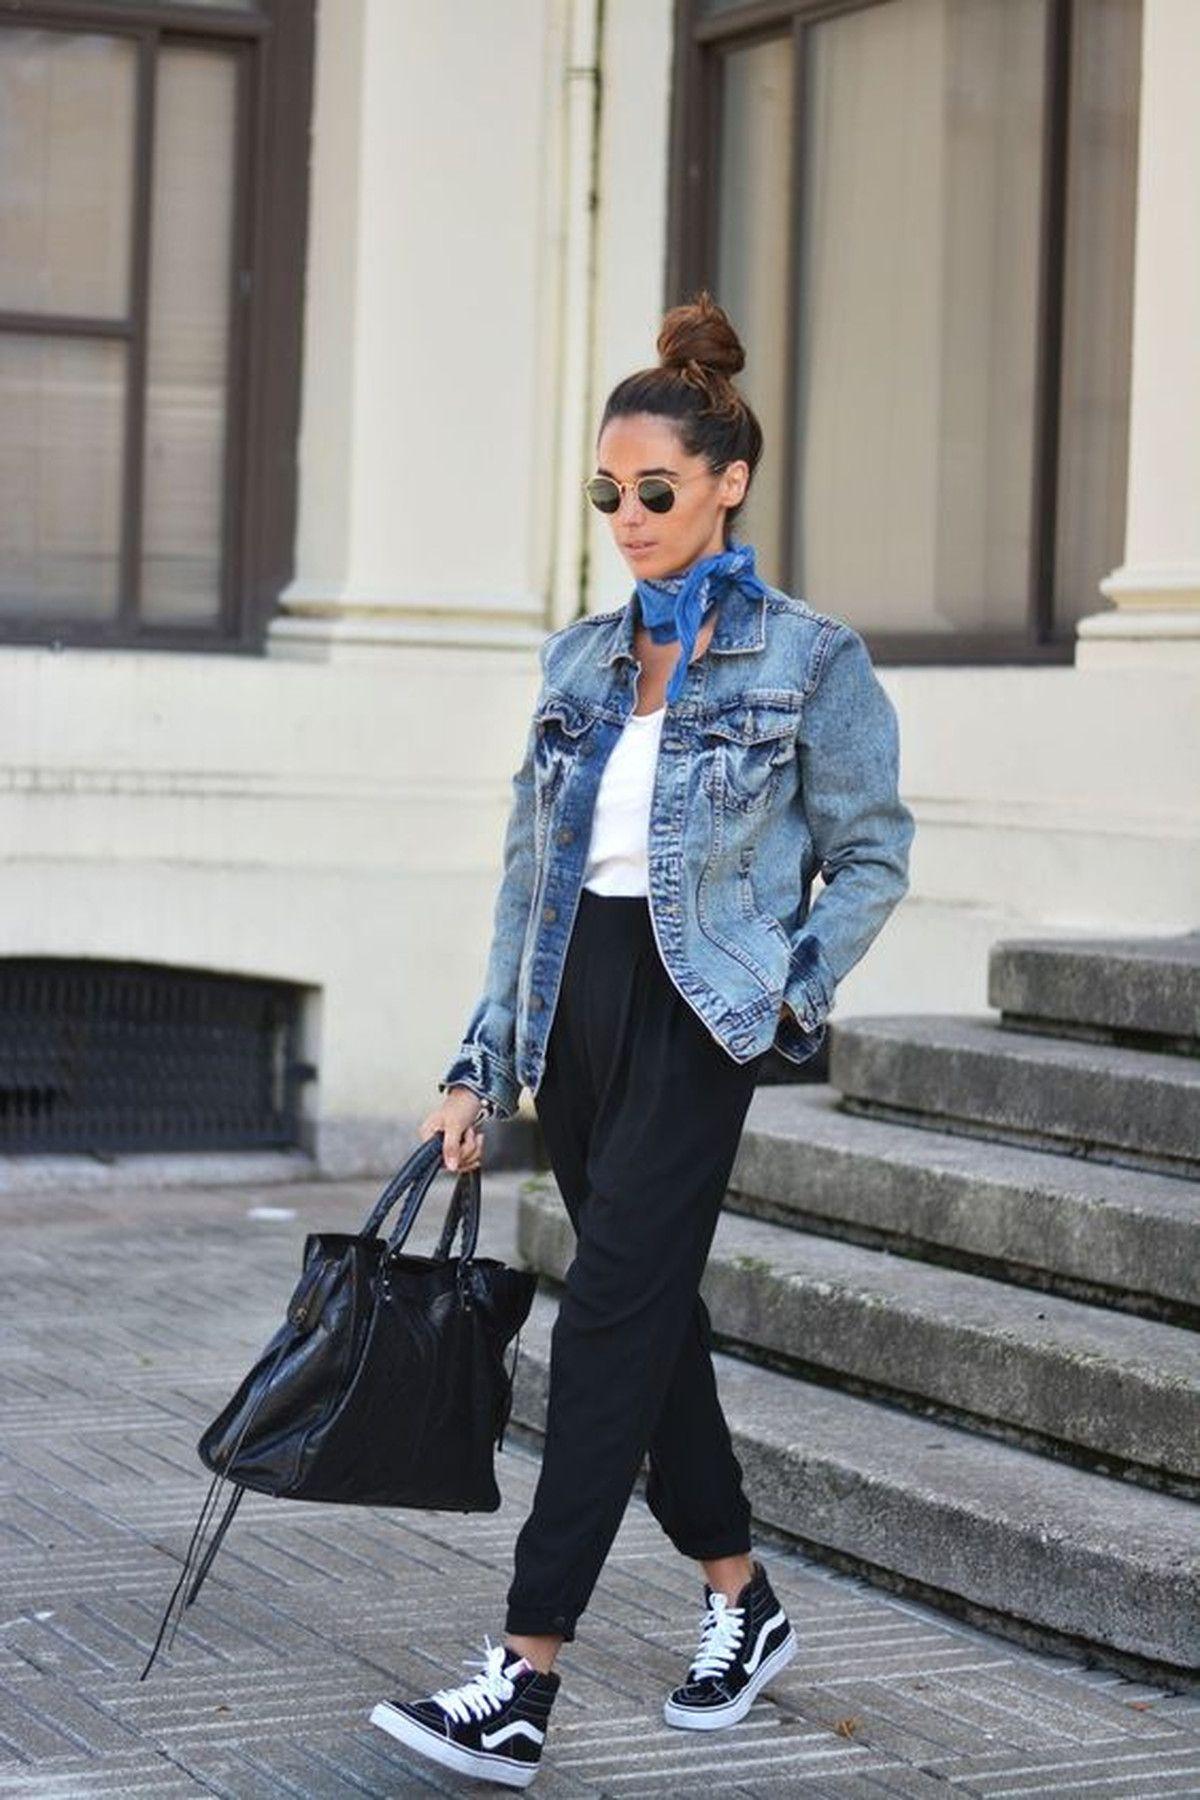 f3316bf8f0 Chica usando pantalones negros con tenis blusa blanca y chaqueta de  mezclilla